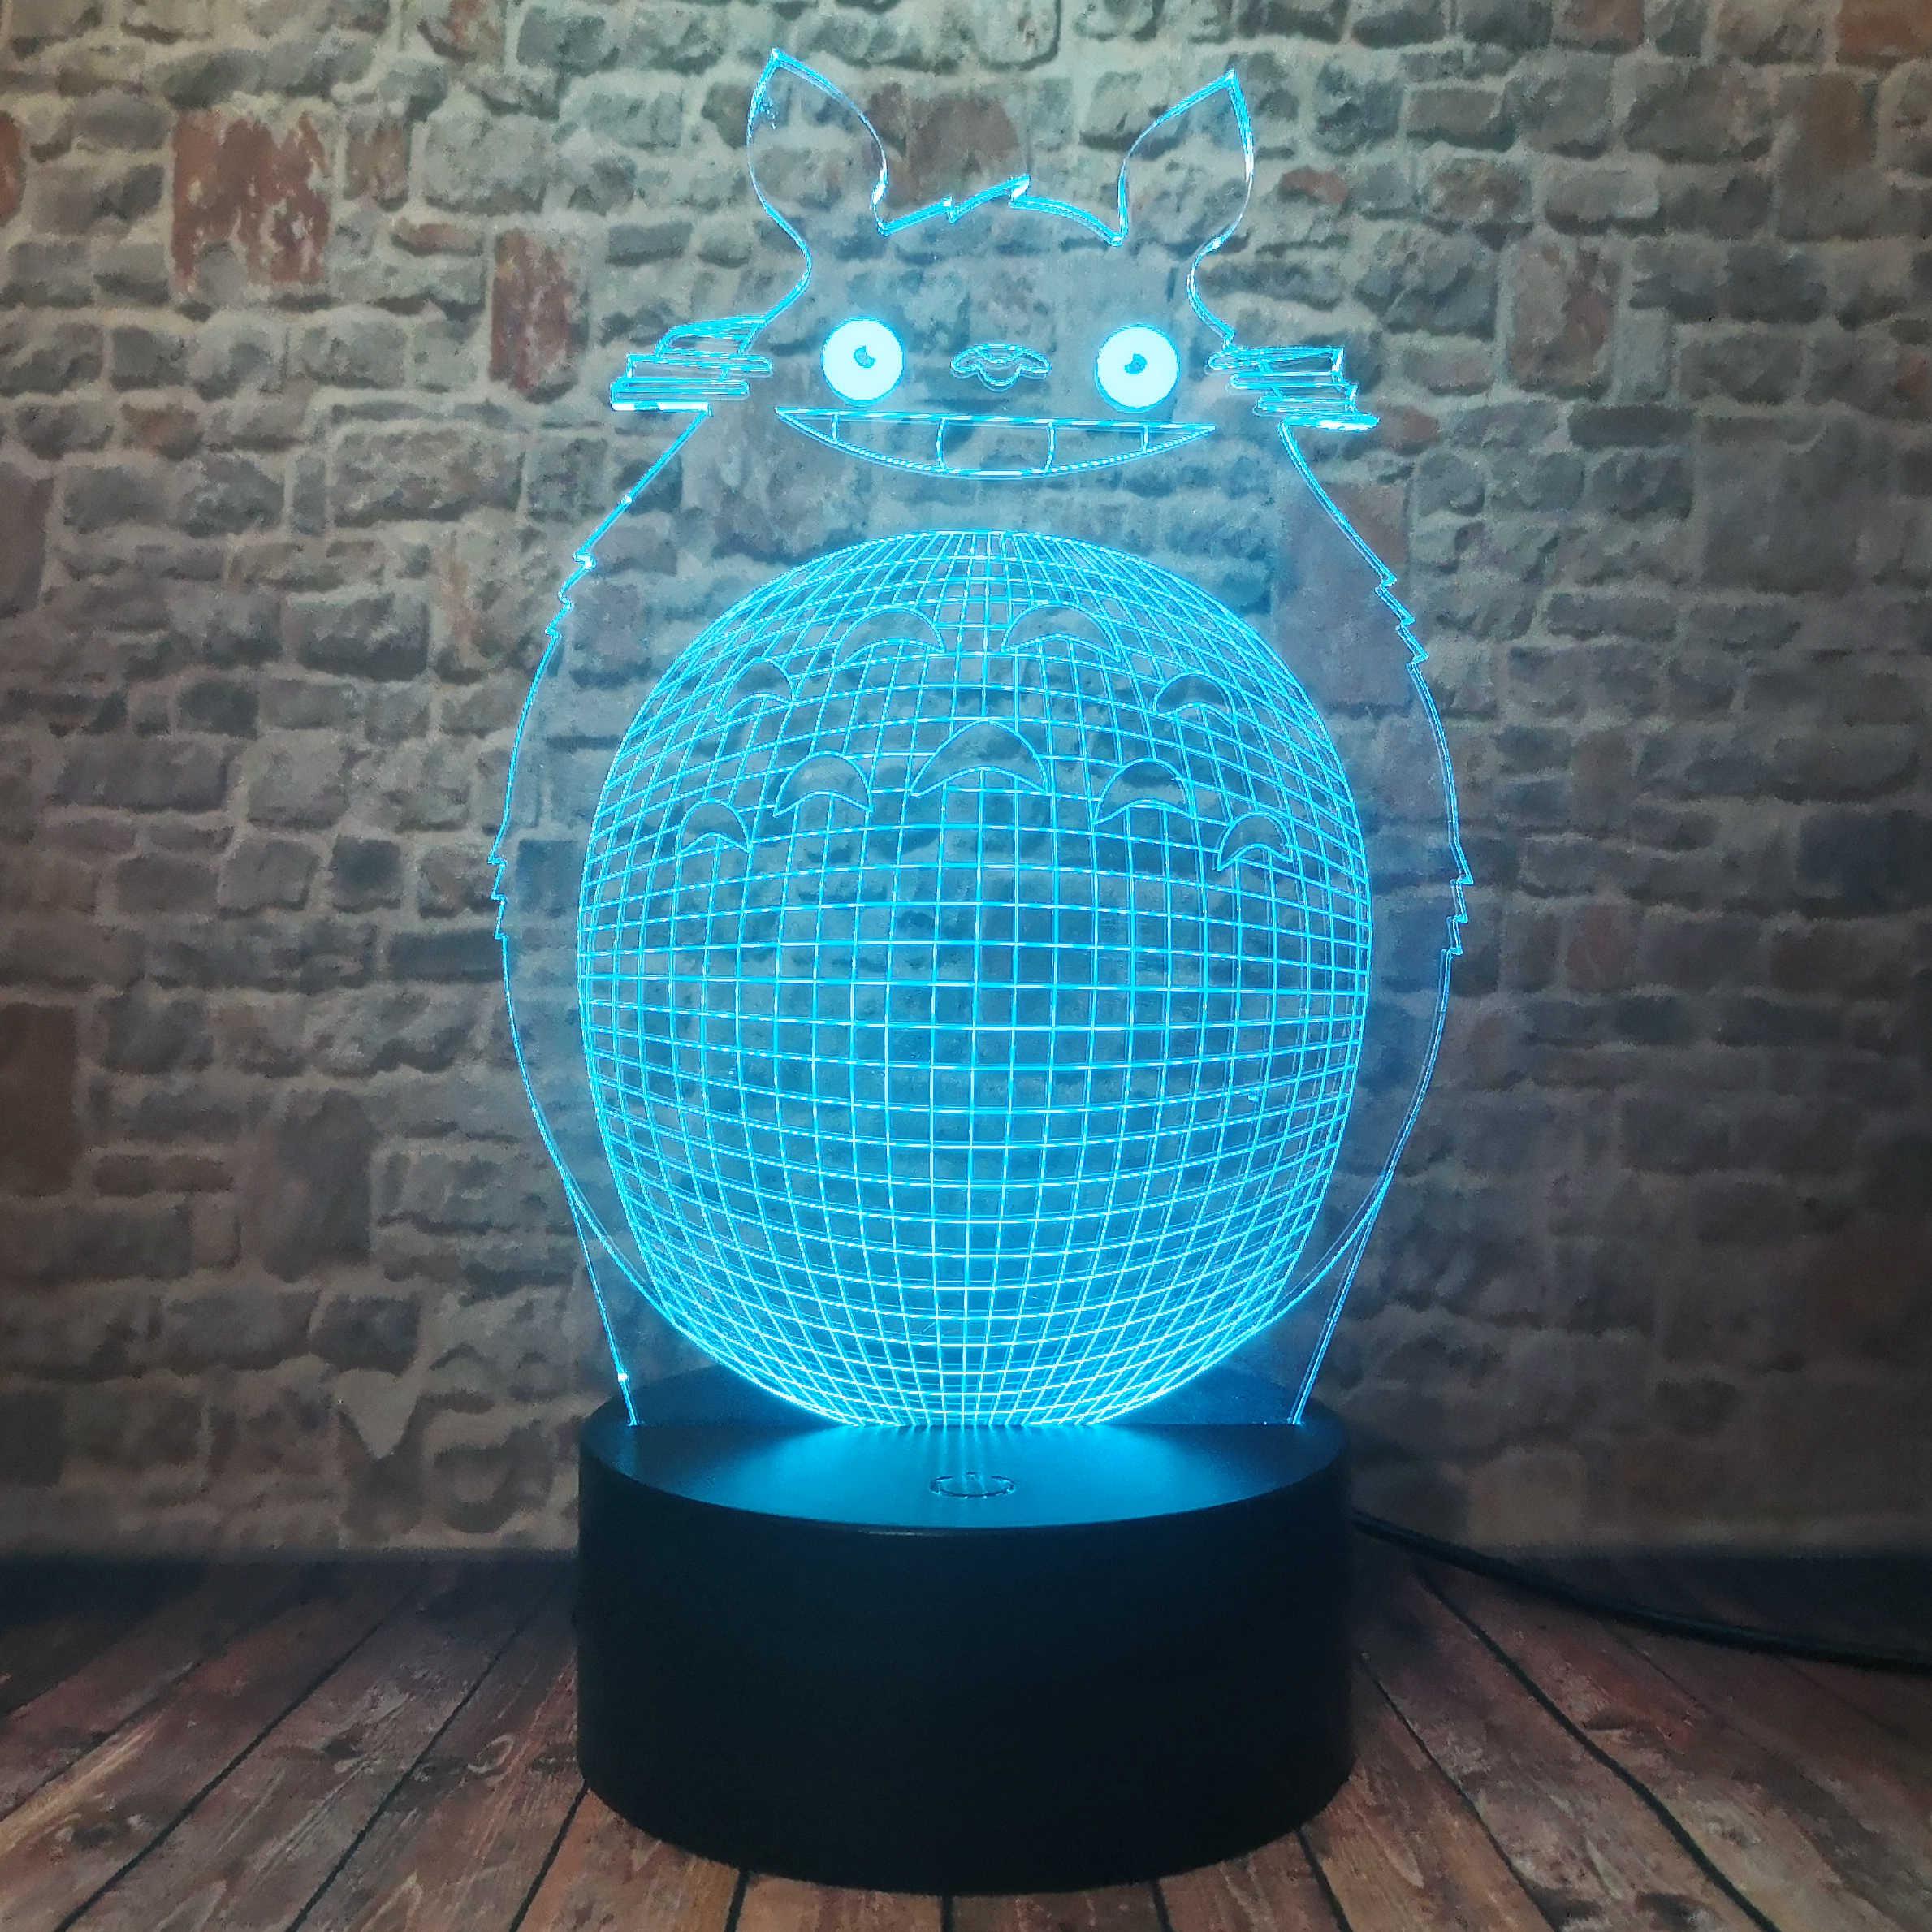 アニメとなりのトトロ置物 3D スマート 7 色変化の夜の光ベビーベッド寝室ランプフィギュア子大人クリスマスおもちゃギフト